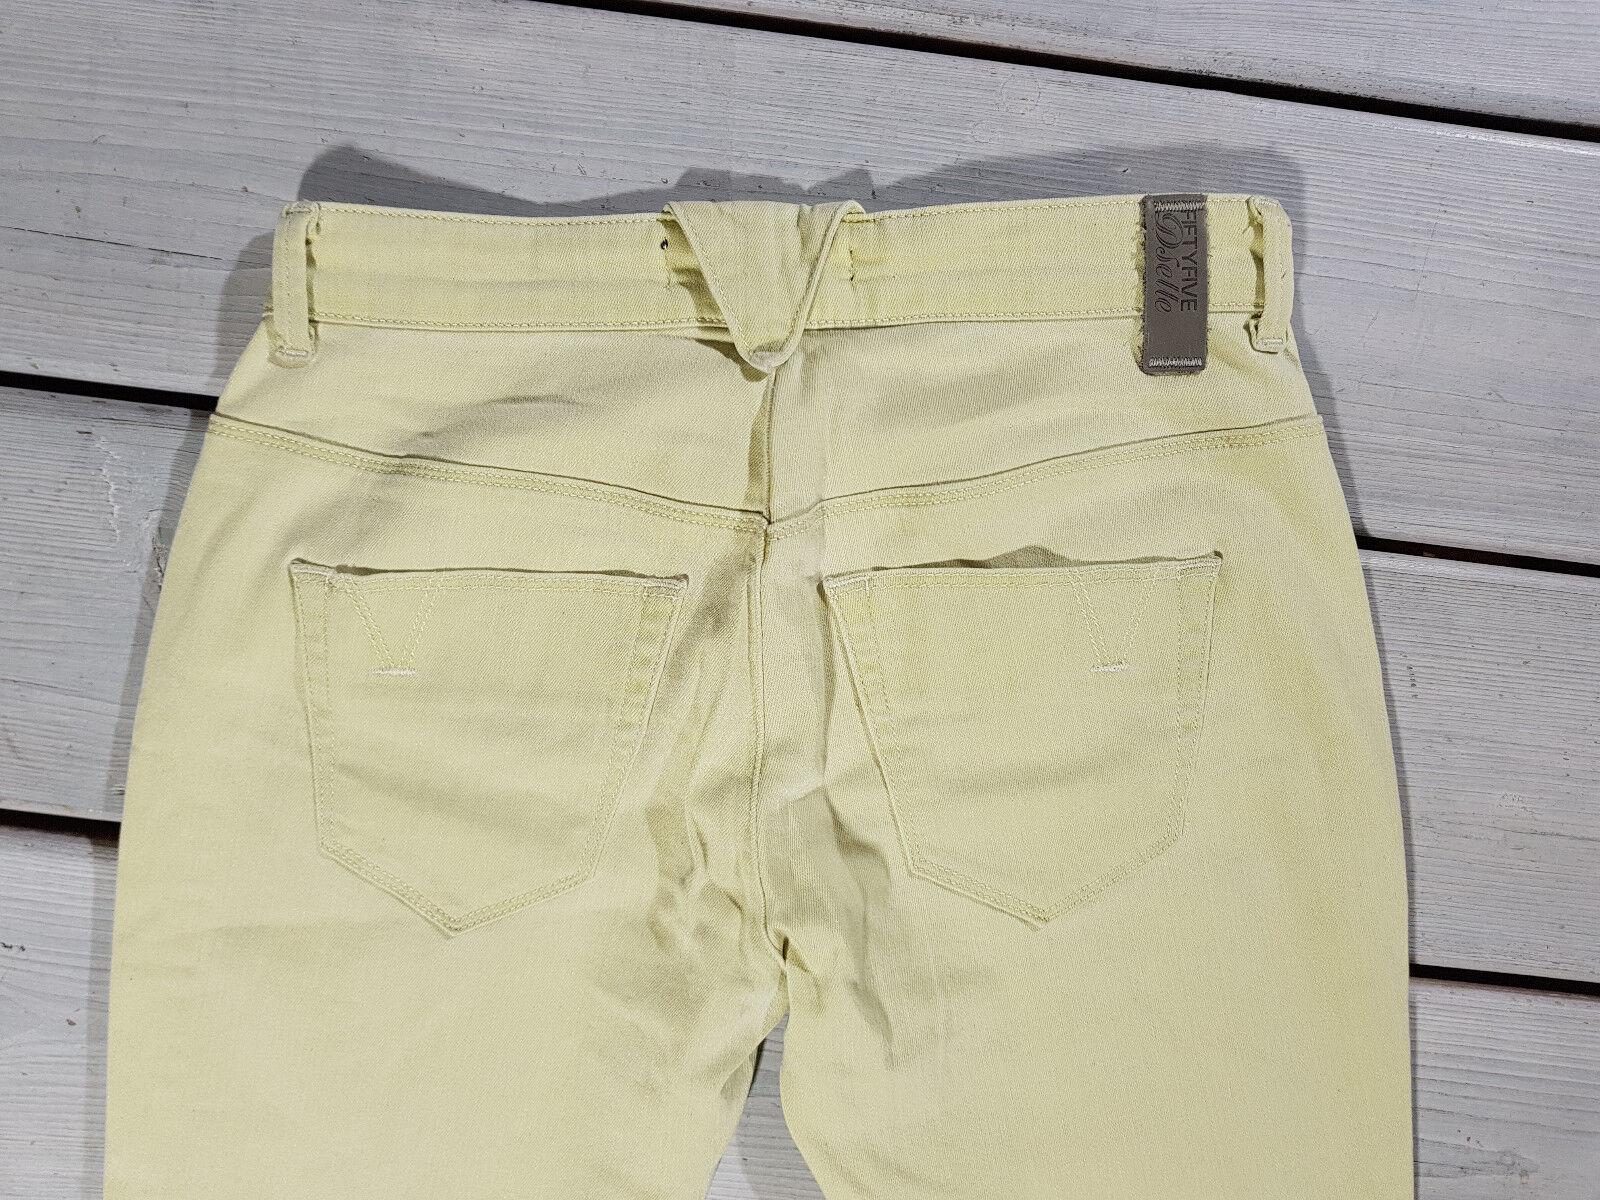 Prezzo di Vendita Consigliato Consigliato Consigliato Nuovo 55dsl Fiftyfive DONNA Jeans W26, USA 2, 4ca658